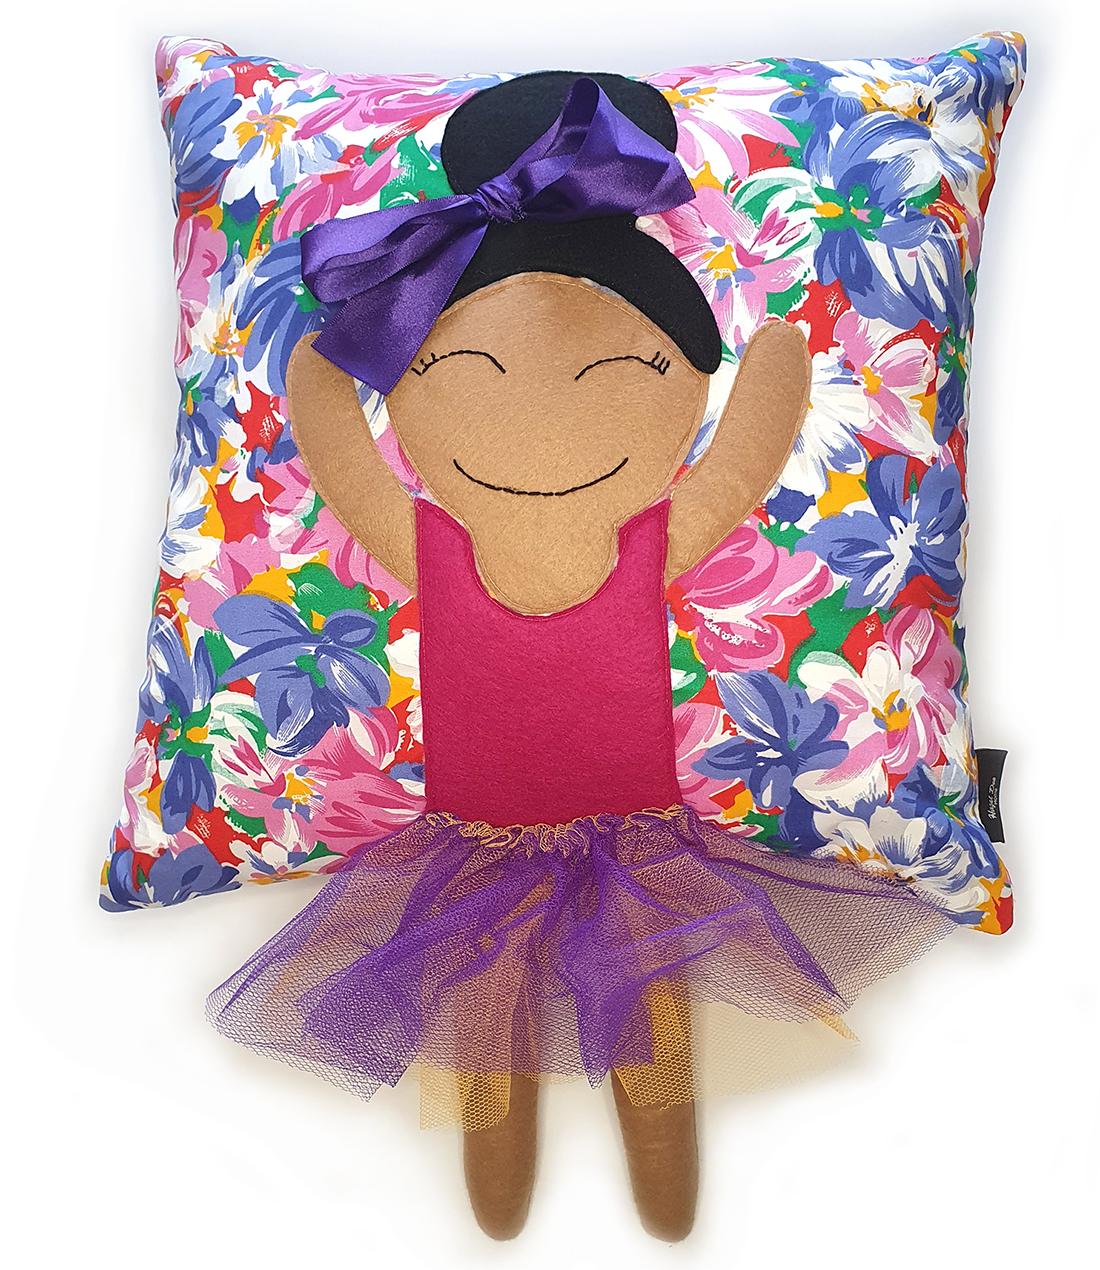 Munchkin Cushion from Hazel Dee Home